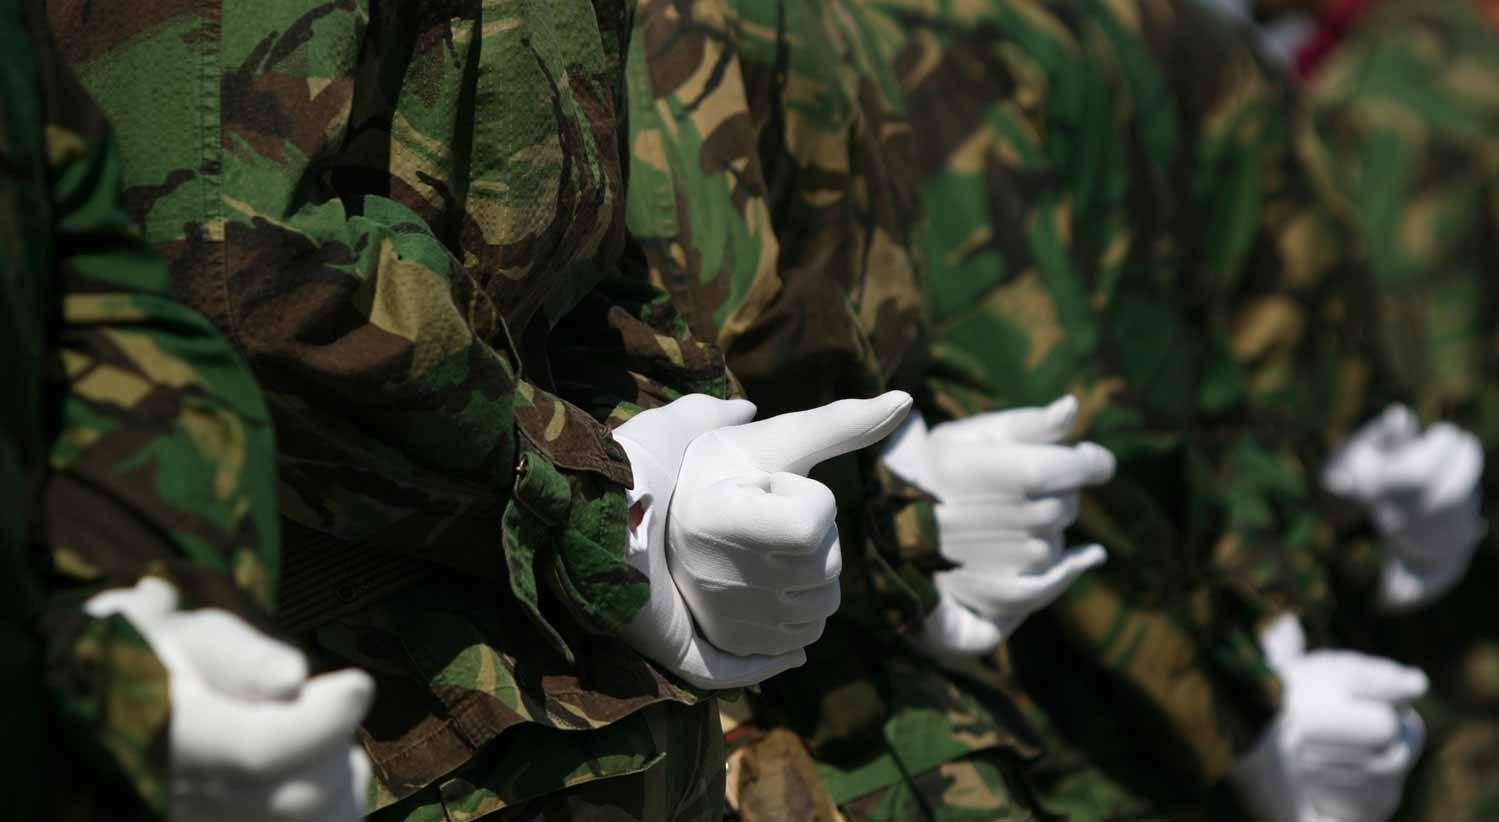 Pa�s - Morte dos comandos: testemunhas comprometem tr�s instrutores